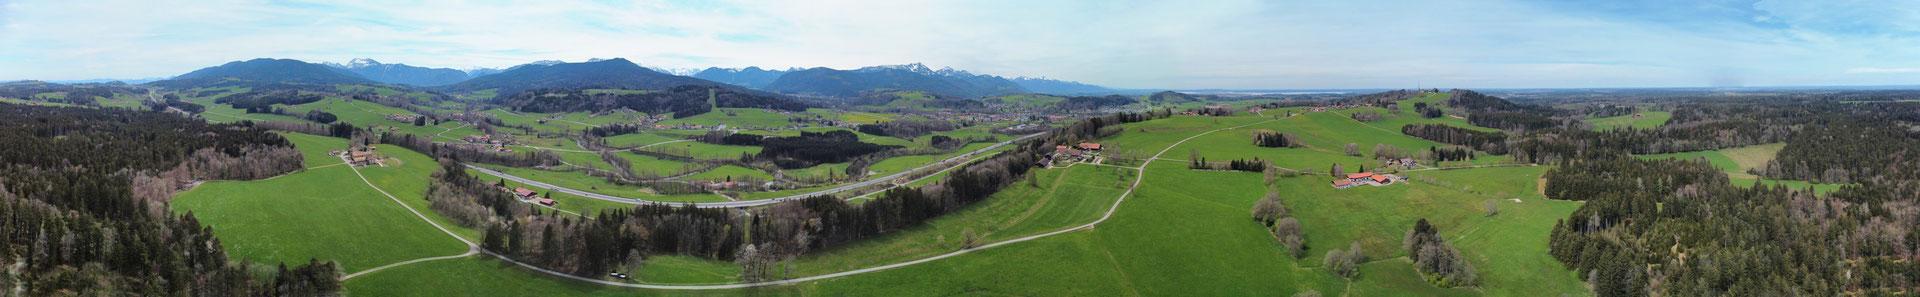 Panorama - Drohnenfoto - Landschaft - Bayern - Berge - Alpen - Sommer - Ausflug - Wanderung - Luftaufnahme - Traunstein